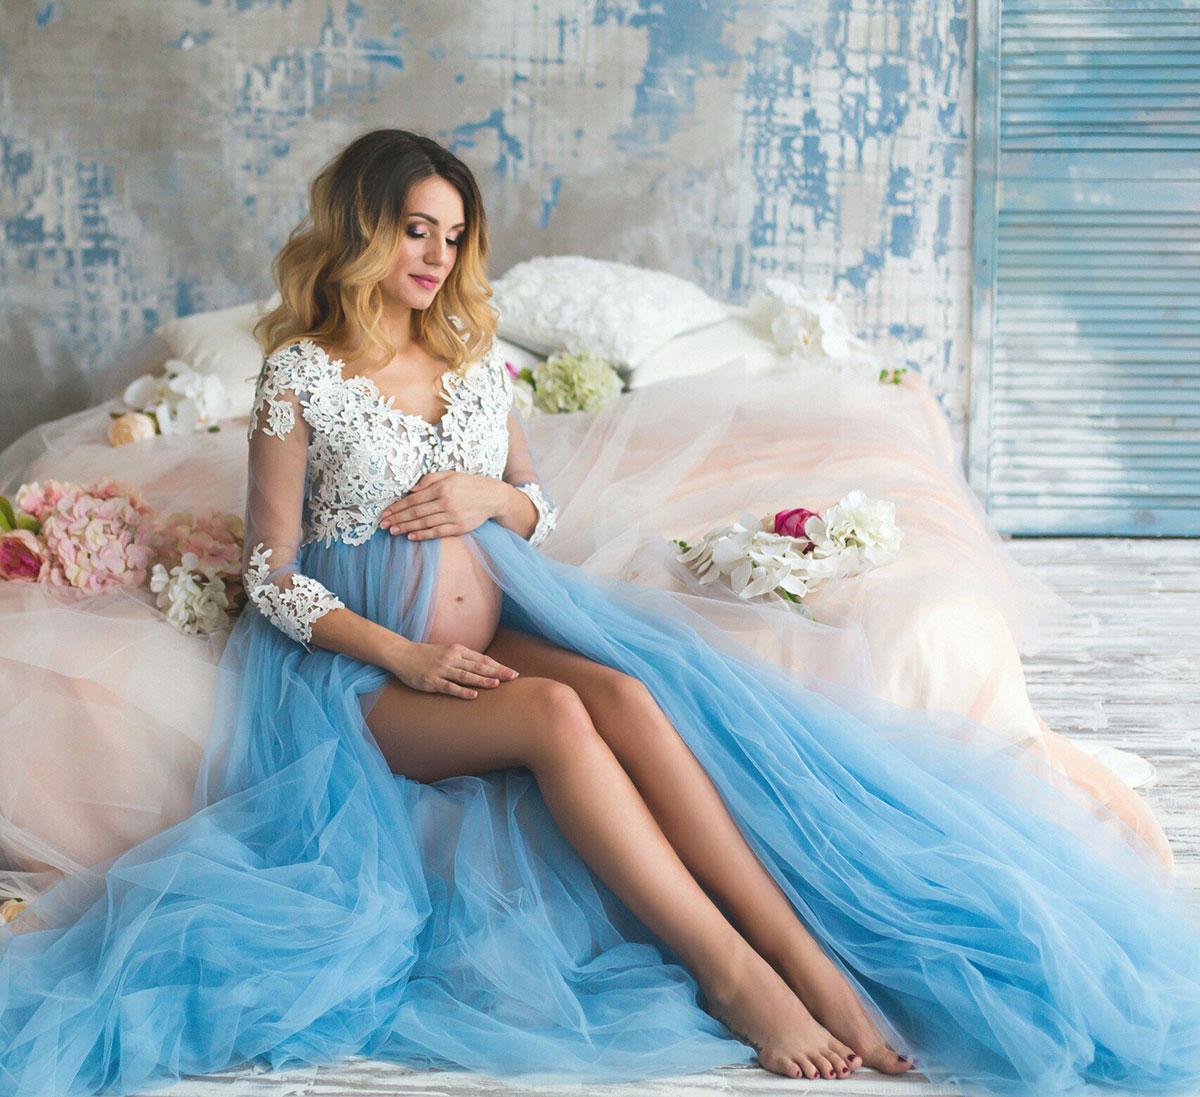 Будуарная фотосессия беременной женщины   лучшие фото (9)